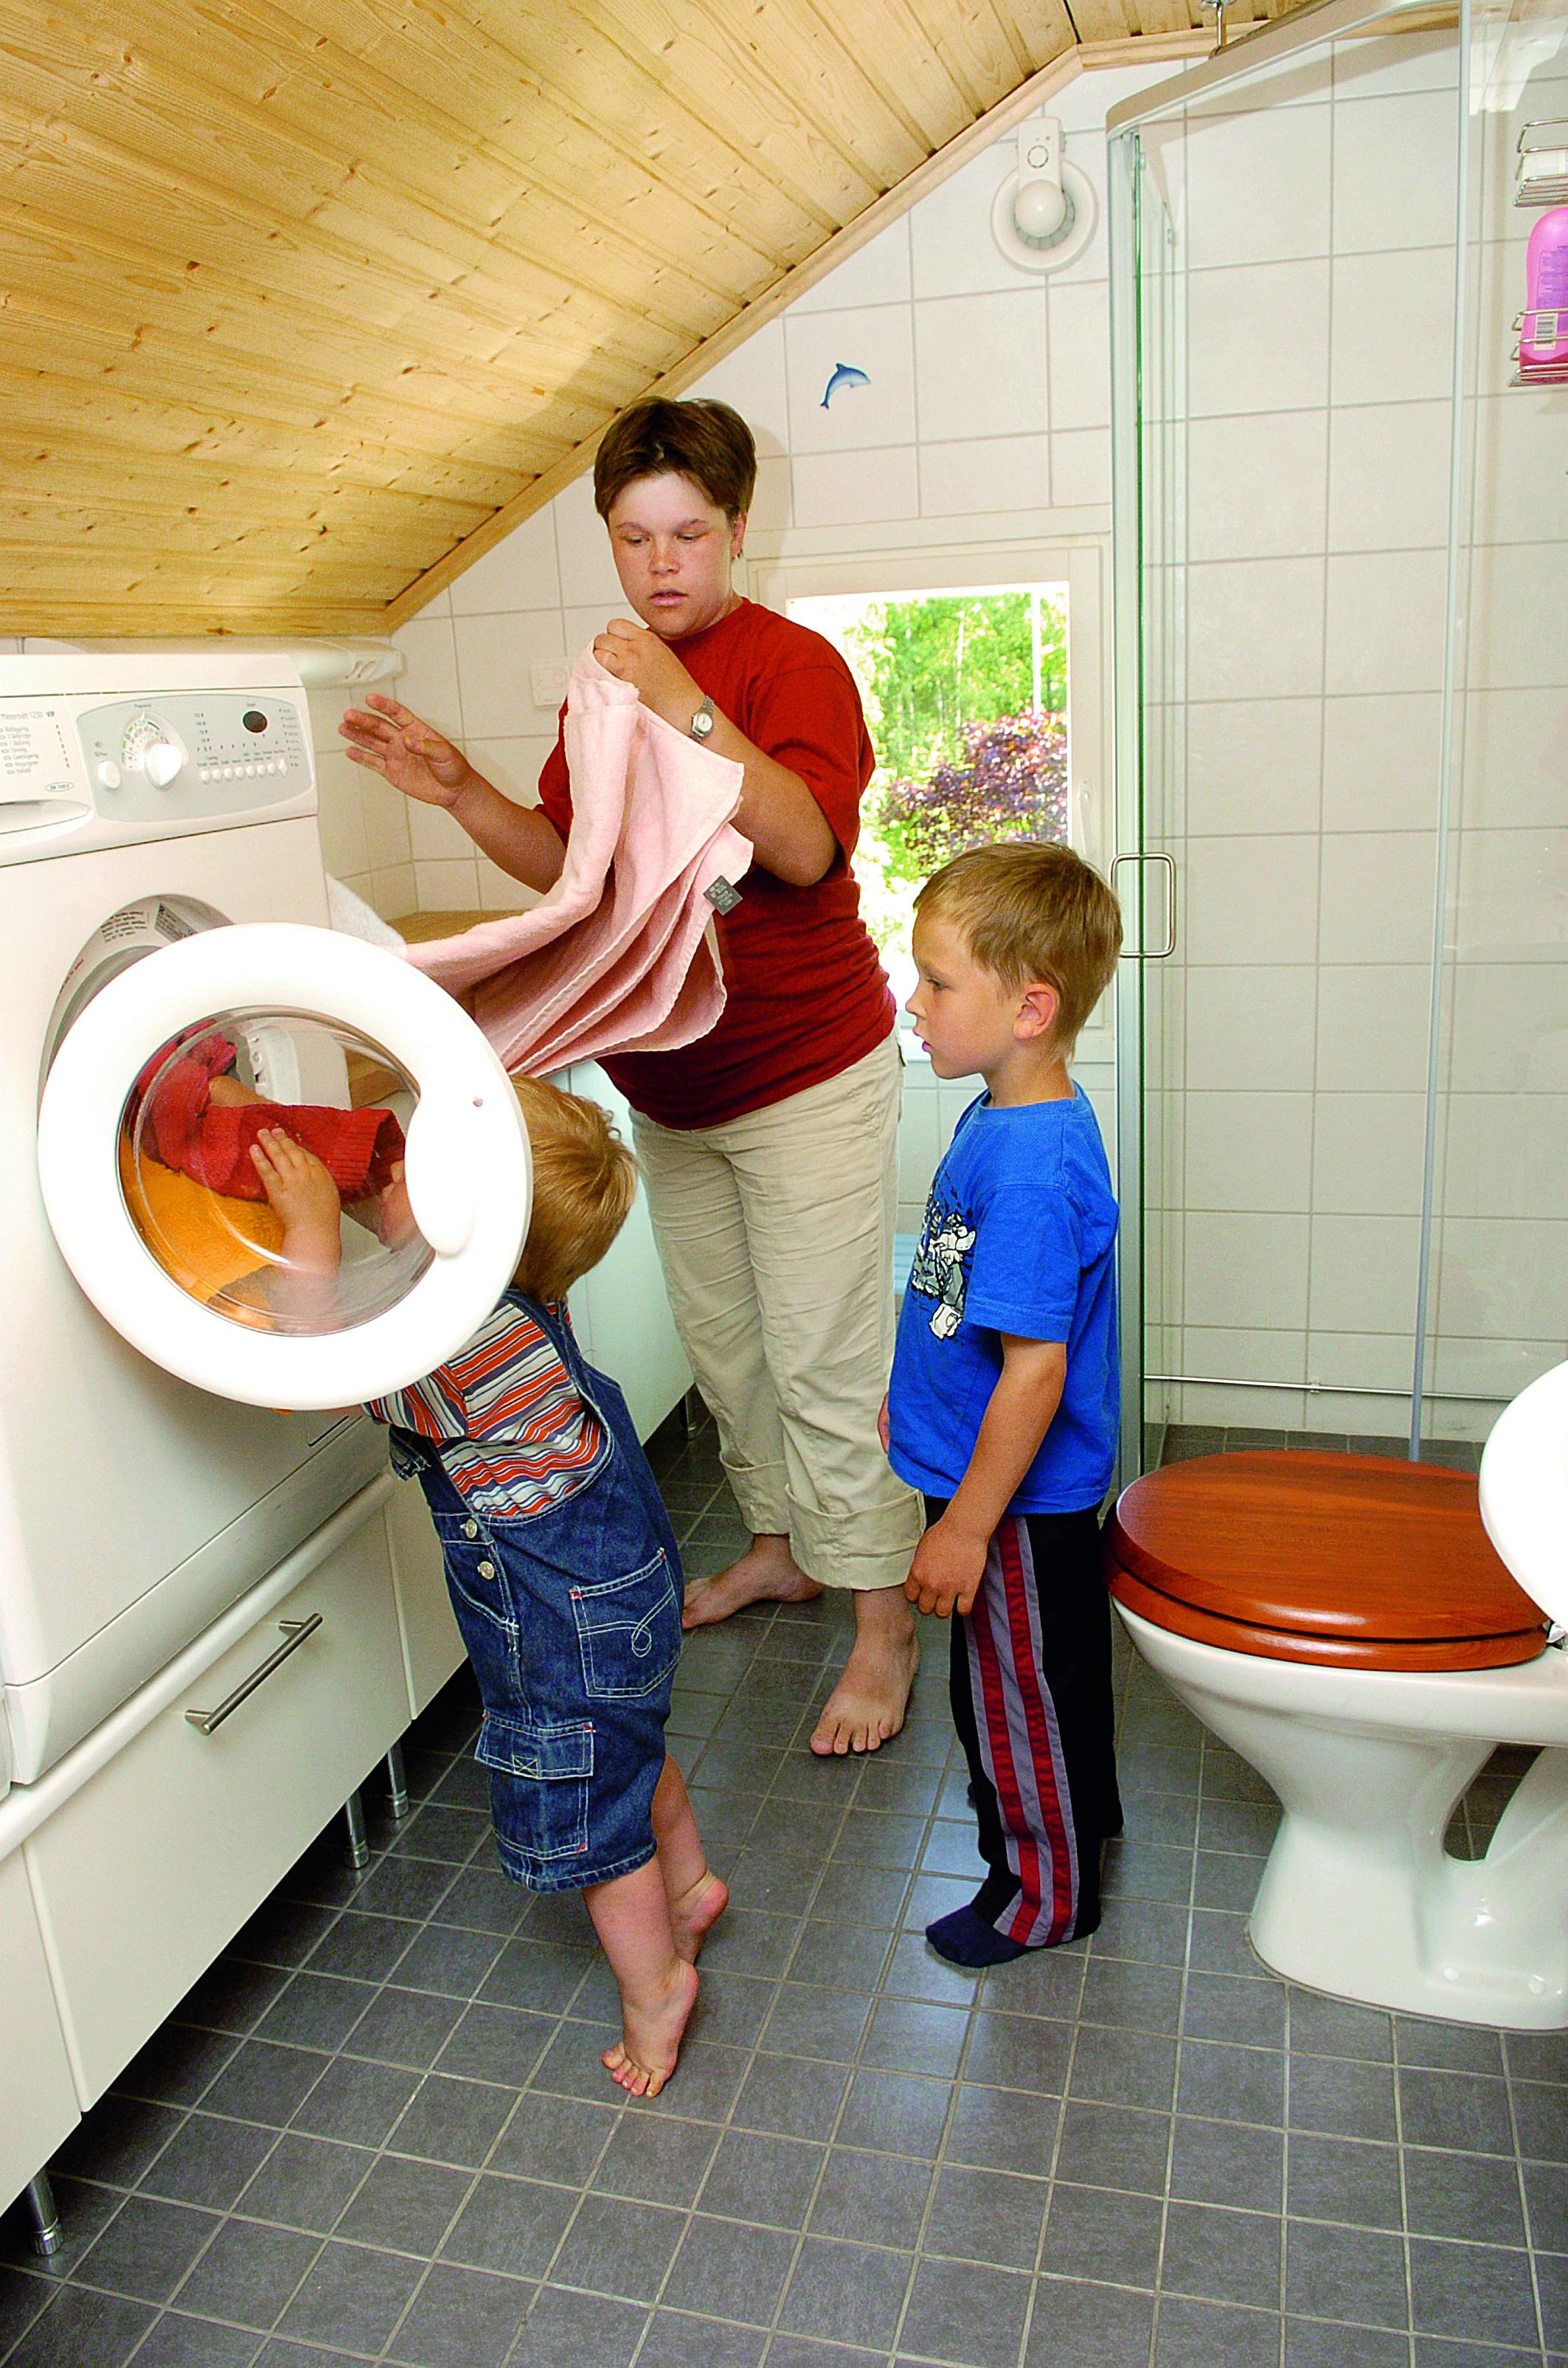 Valmis kylpyhuone on toimiva.